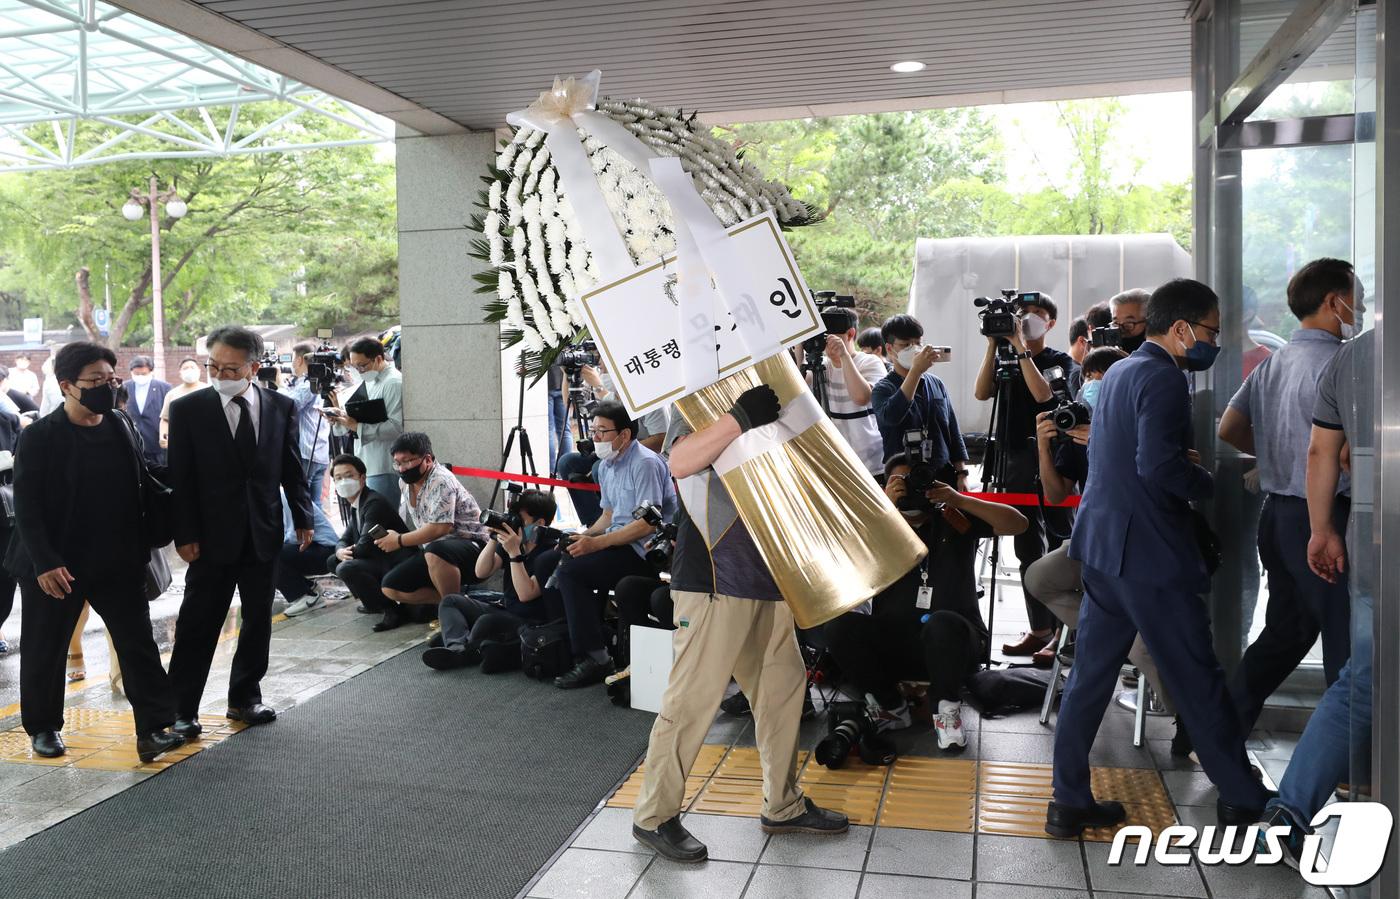 听说首尔市长身亡, 文在寅:我俩缘分很长, 太震惊了!